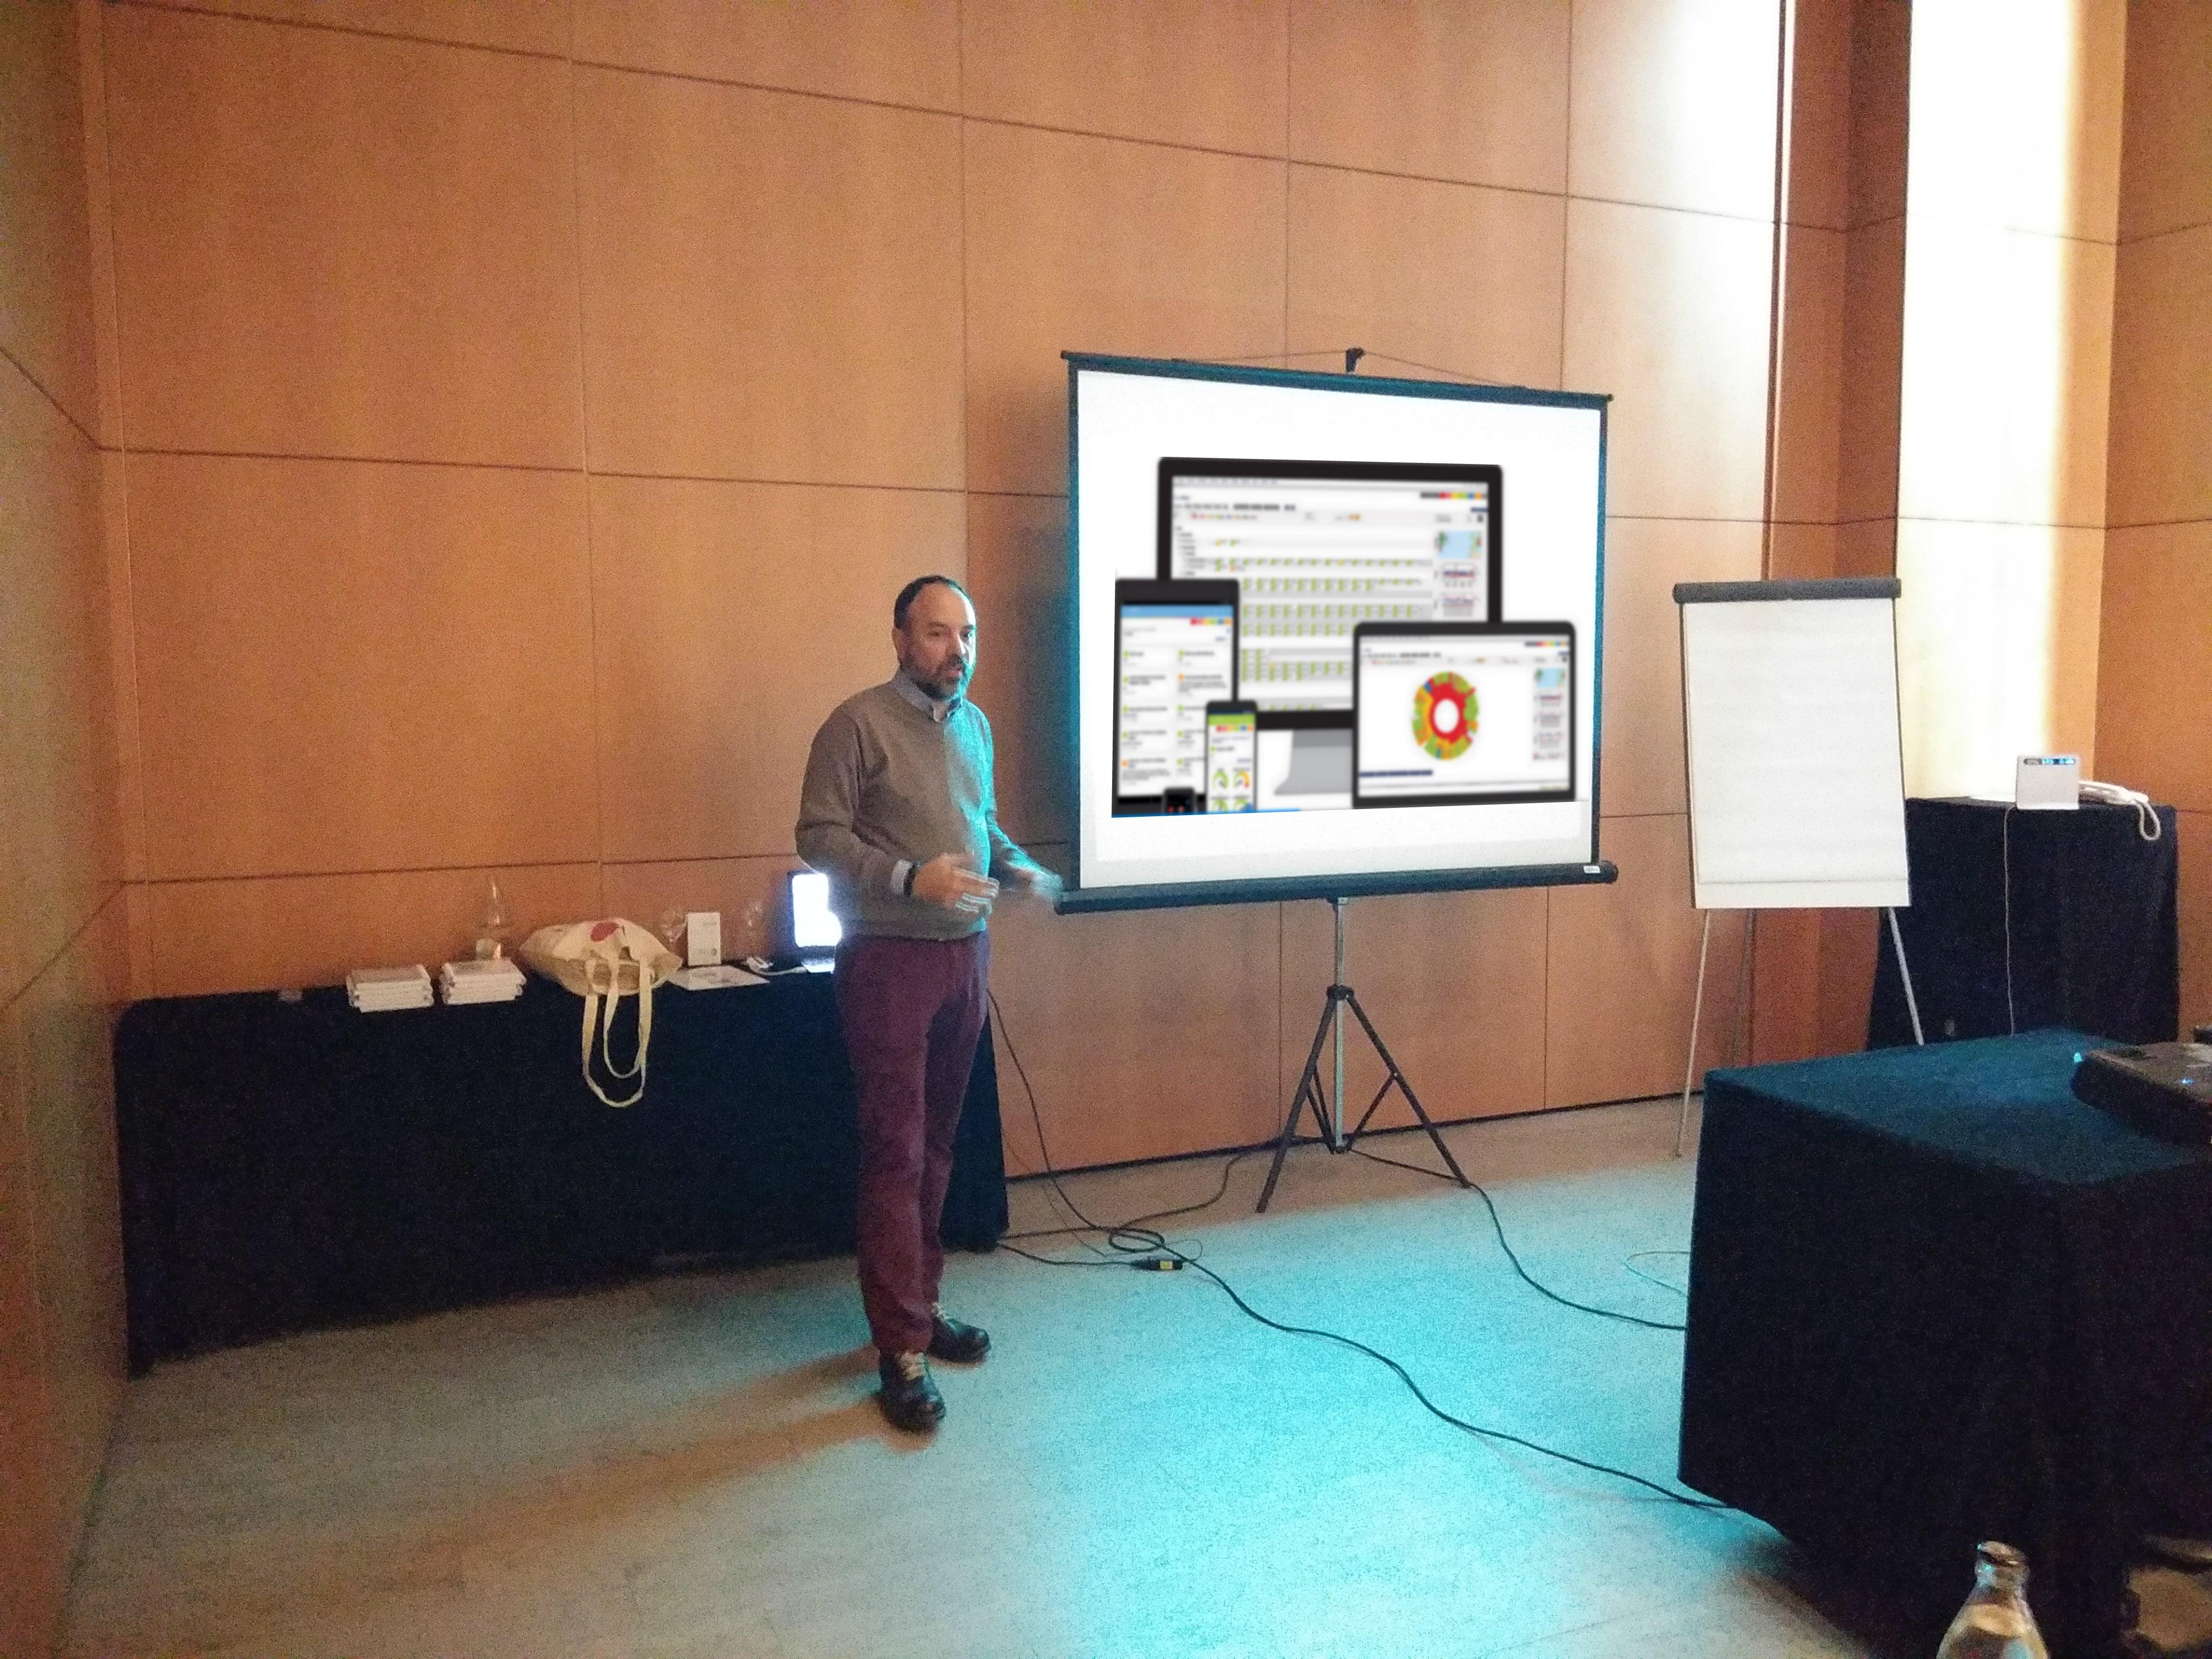 Monitorizacion sistemas informaticos soluciones tecnologicas